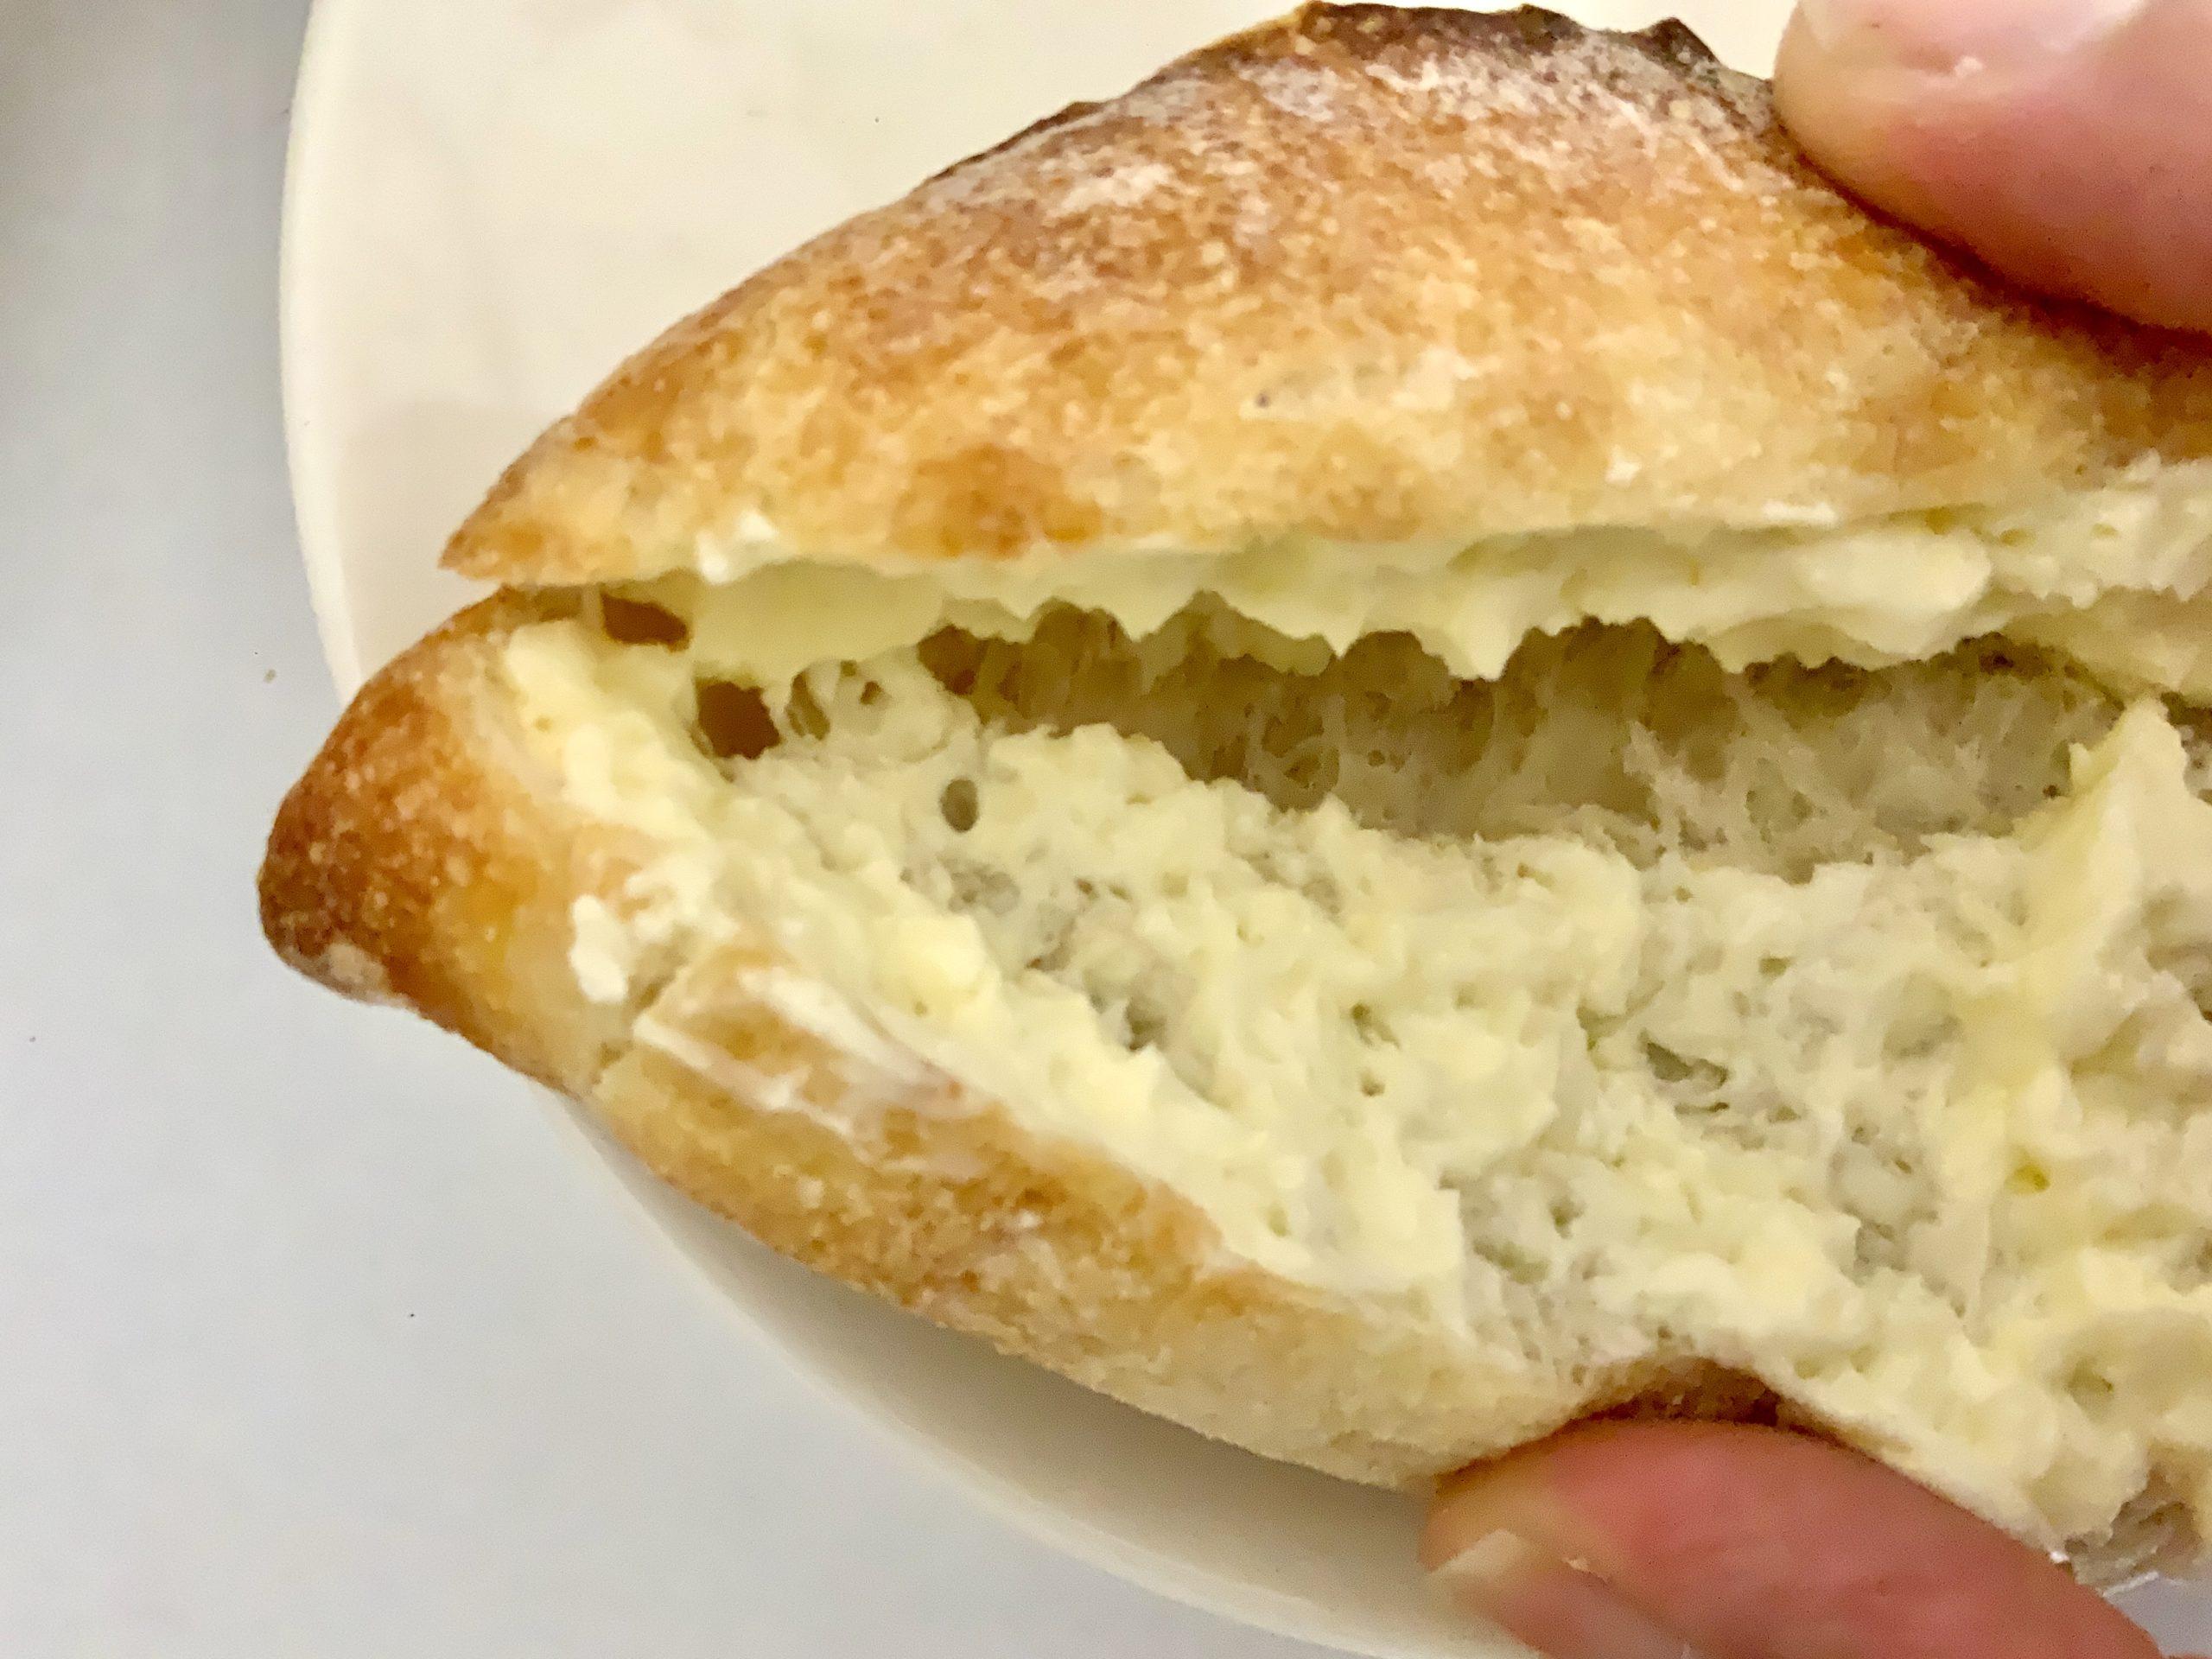 オパン OPAN 笹塚 パン 行列 ミルクフランス フランスパン 人気 おすすめ オススメ